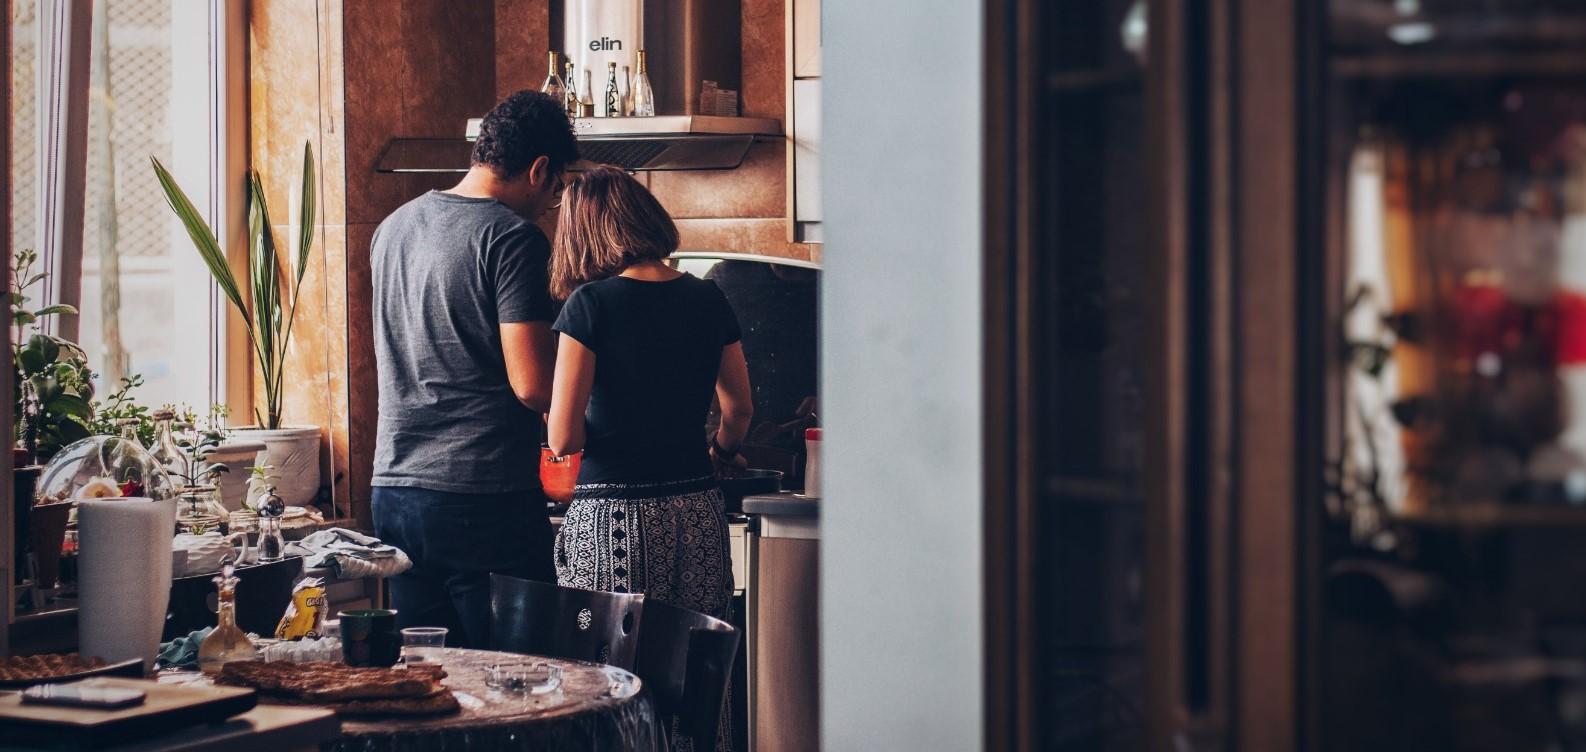 ¿Cómo han cambiando los hábitos de consumo de alimentos y de la relación con la cocina en los hogares durante el confinamiento?